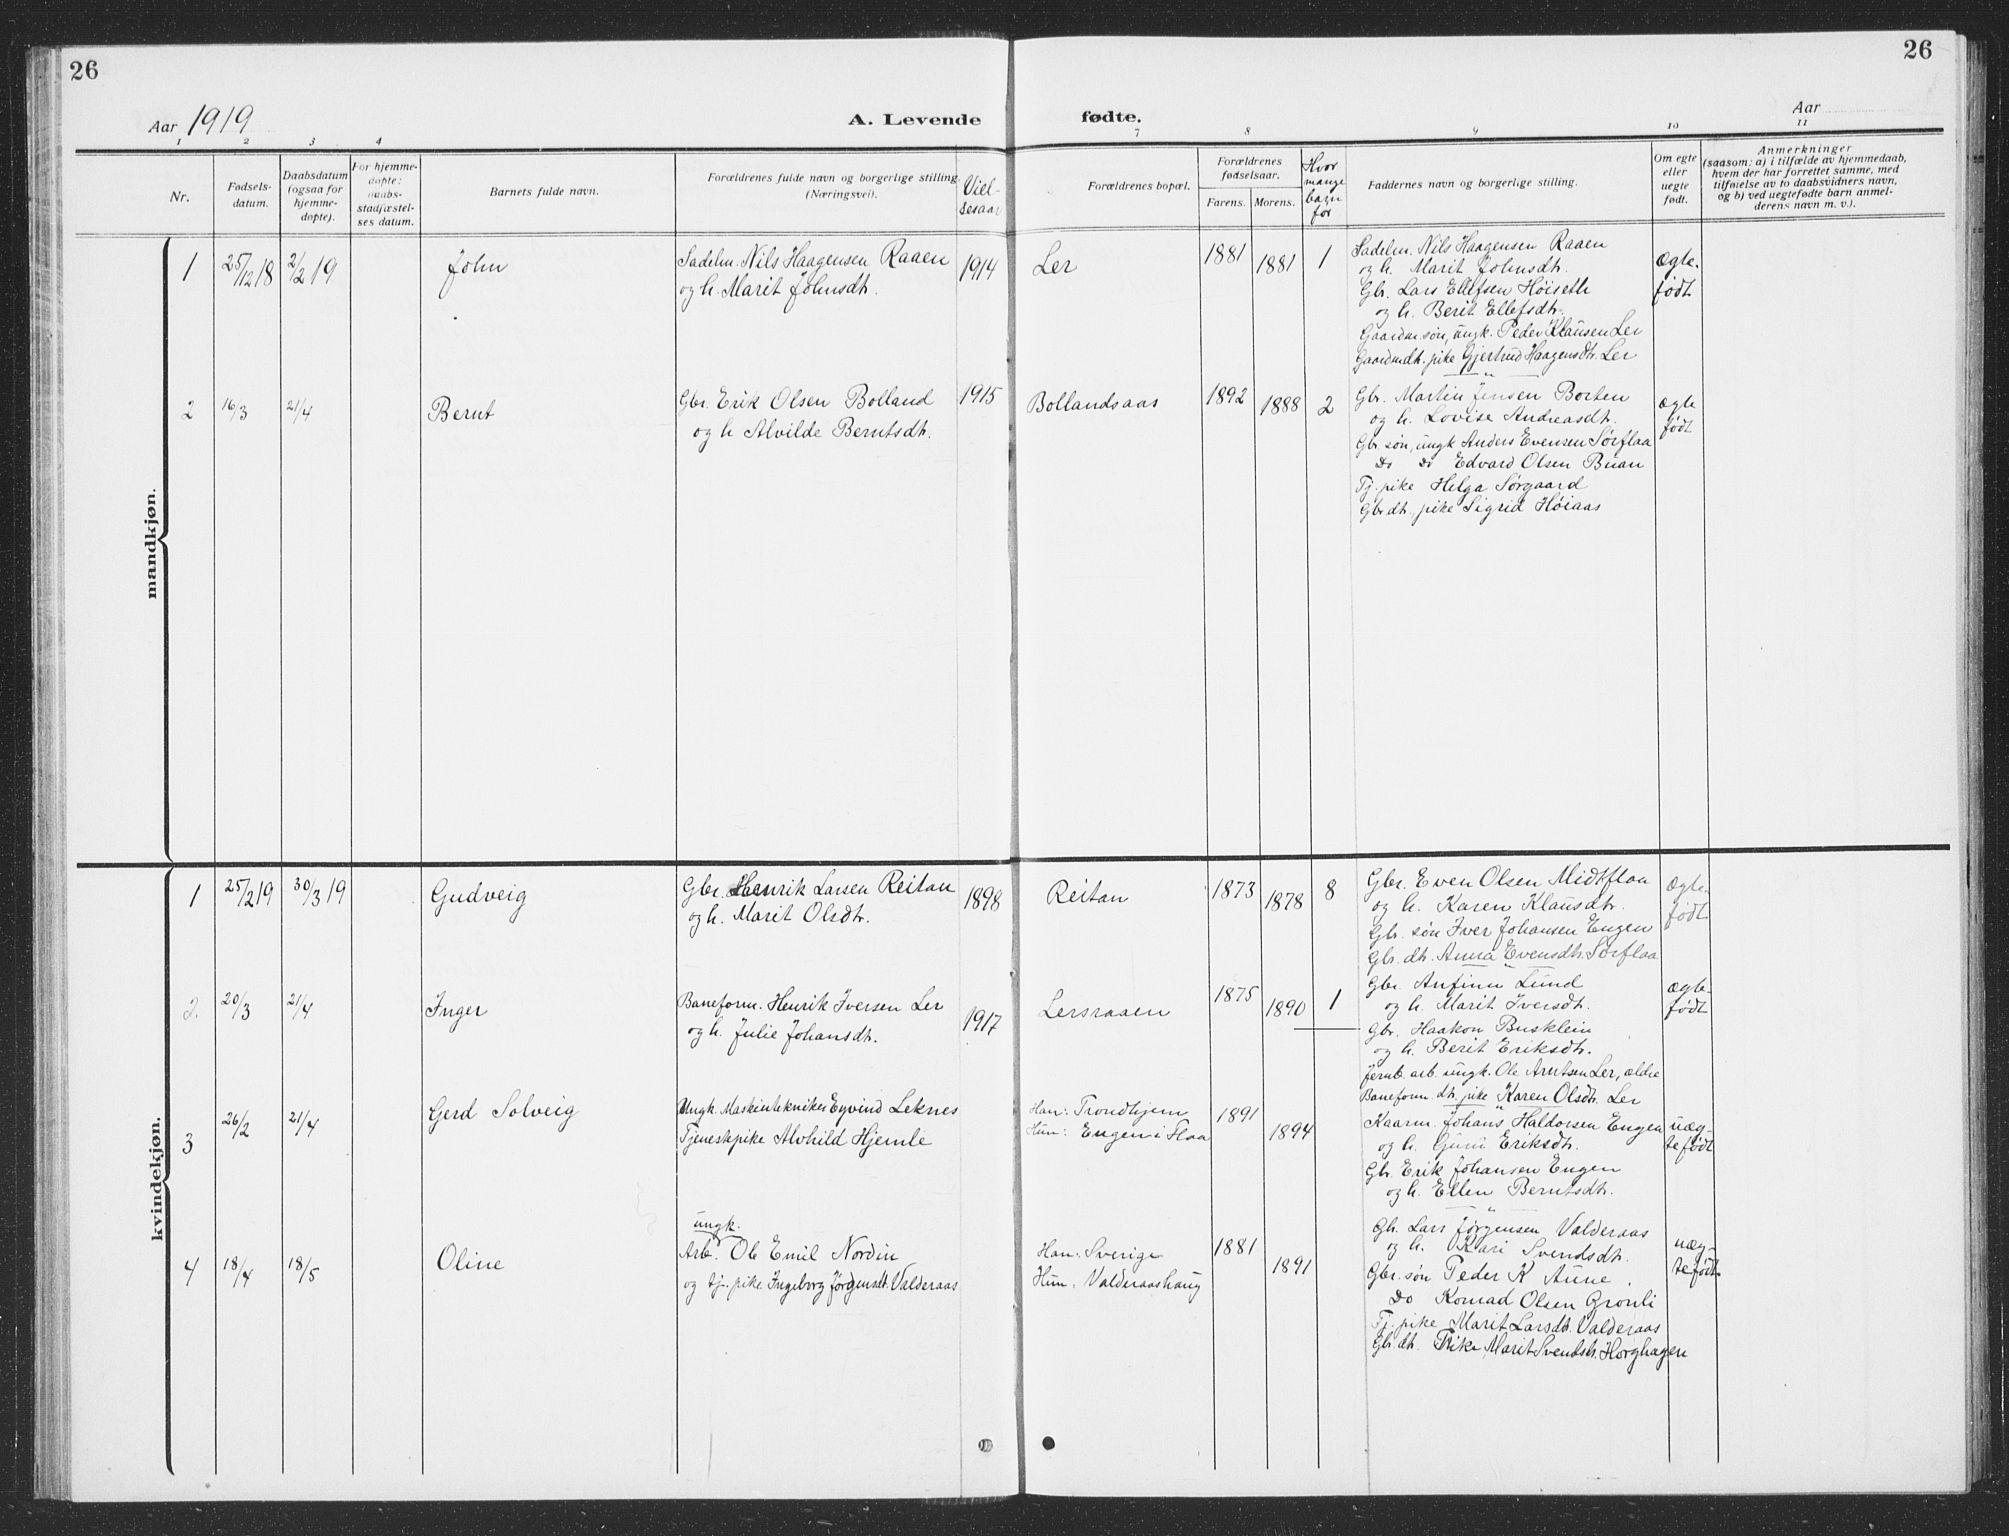 SAT, Ministerialprotokoller, klokkerbøker og fødselsregistre - Sør-Trøndelag, 693/L1124: Klokkerbok nr. 693C05, 1911-1941, s. 26